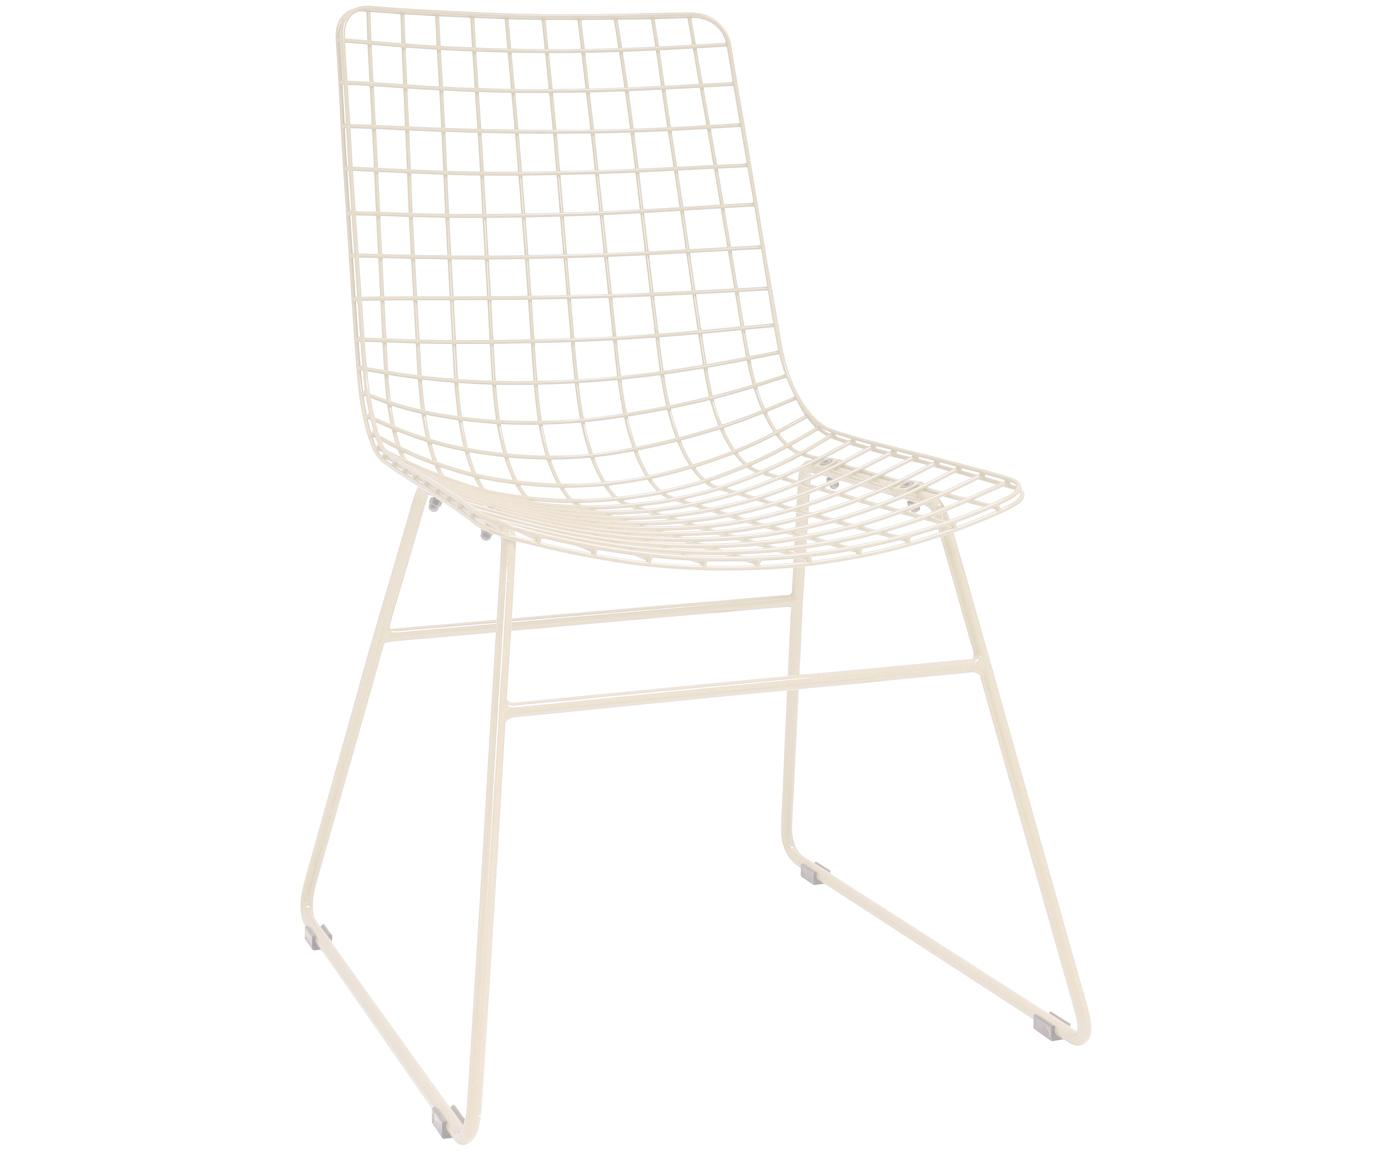 Sedia in metallo bianco crema Wire, Metallo verniciato a polvere, Bianco crema, Larg. 47 x Prof. 54 cm